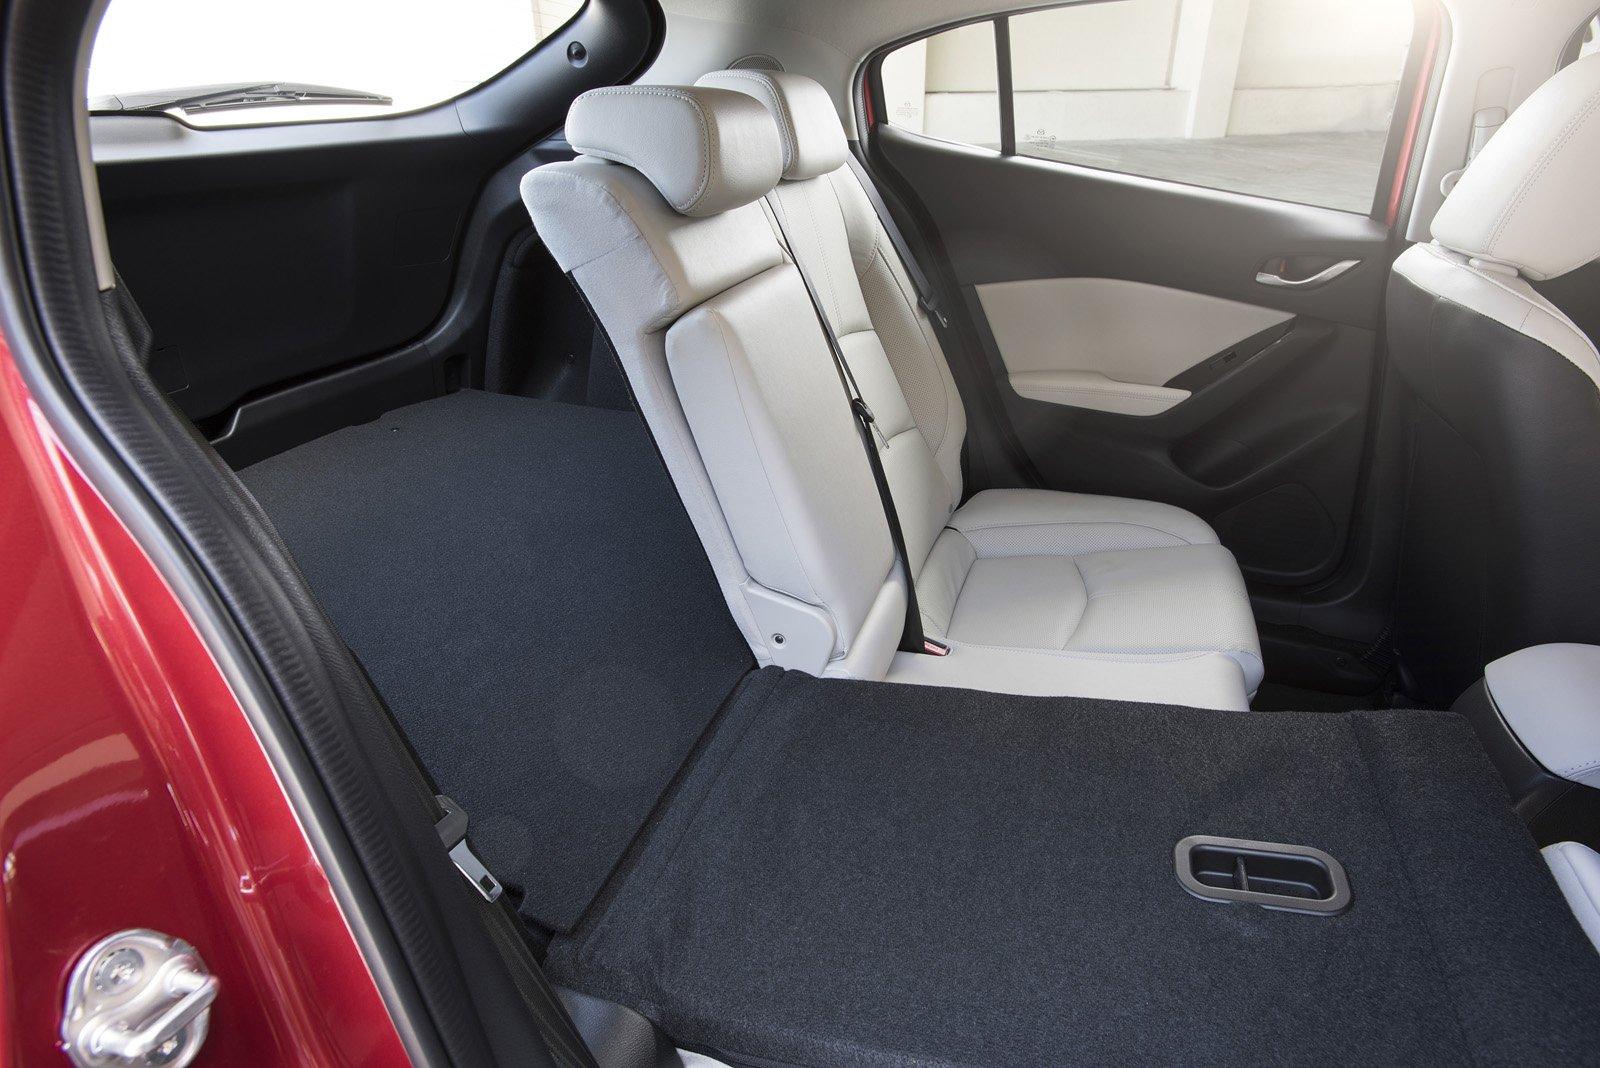 So sánh qua ảnh xe Mazda 3 Sport 2020 và đời cũ a24